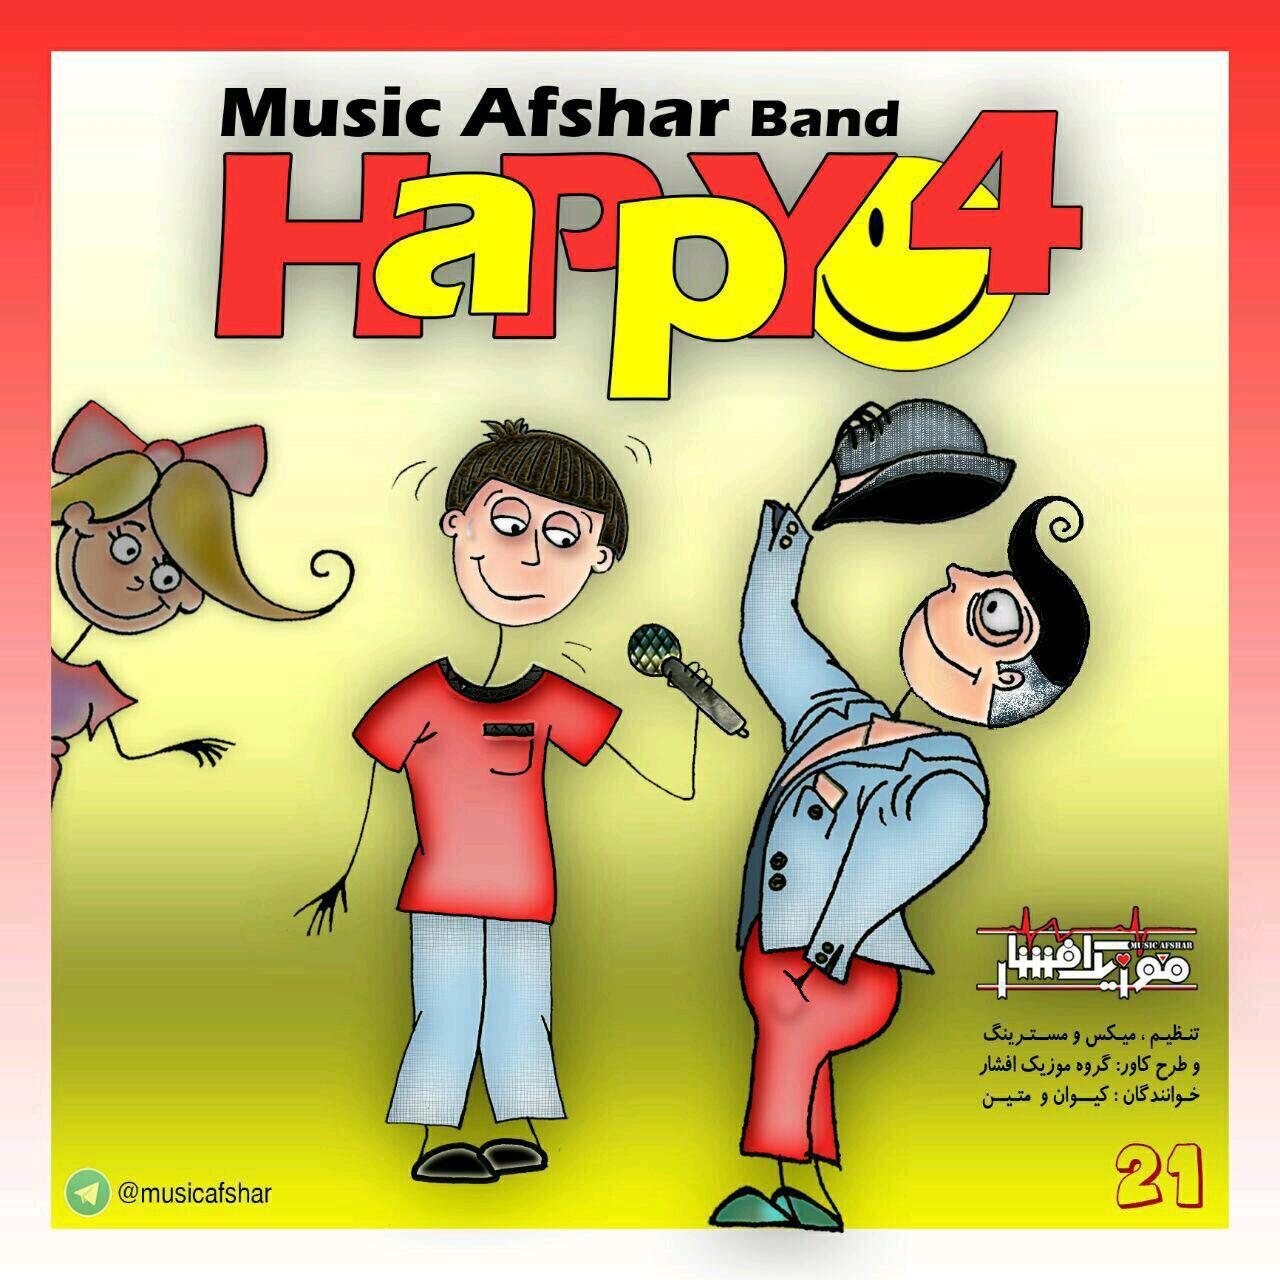 دانلود آهنگ جدید موزیک افشار به نام Happy4